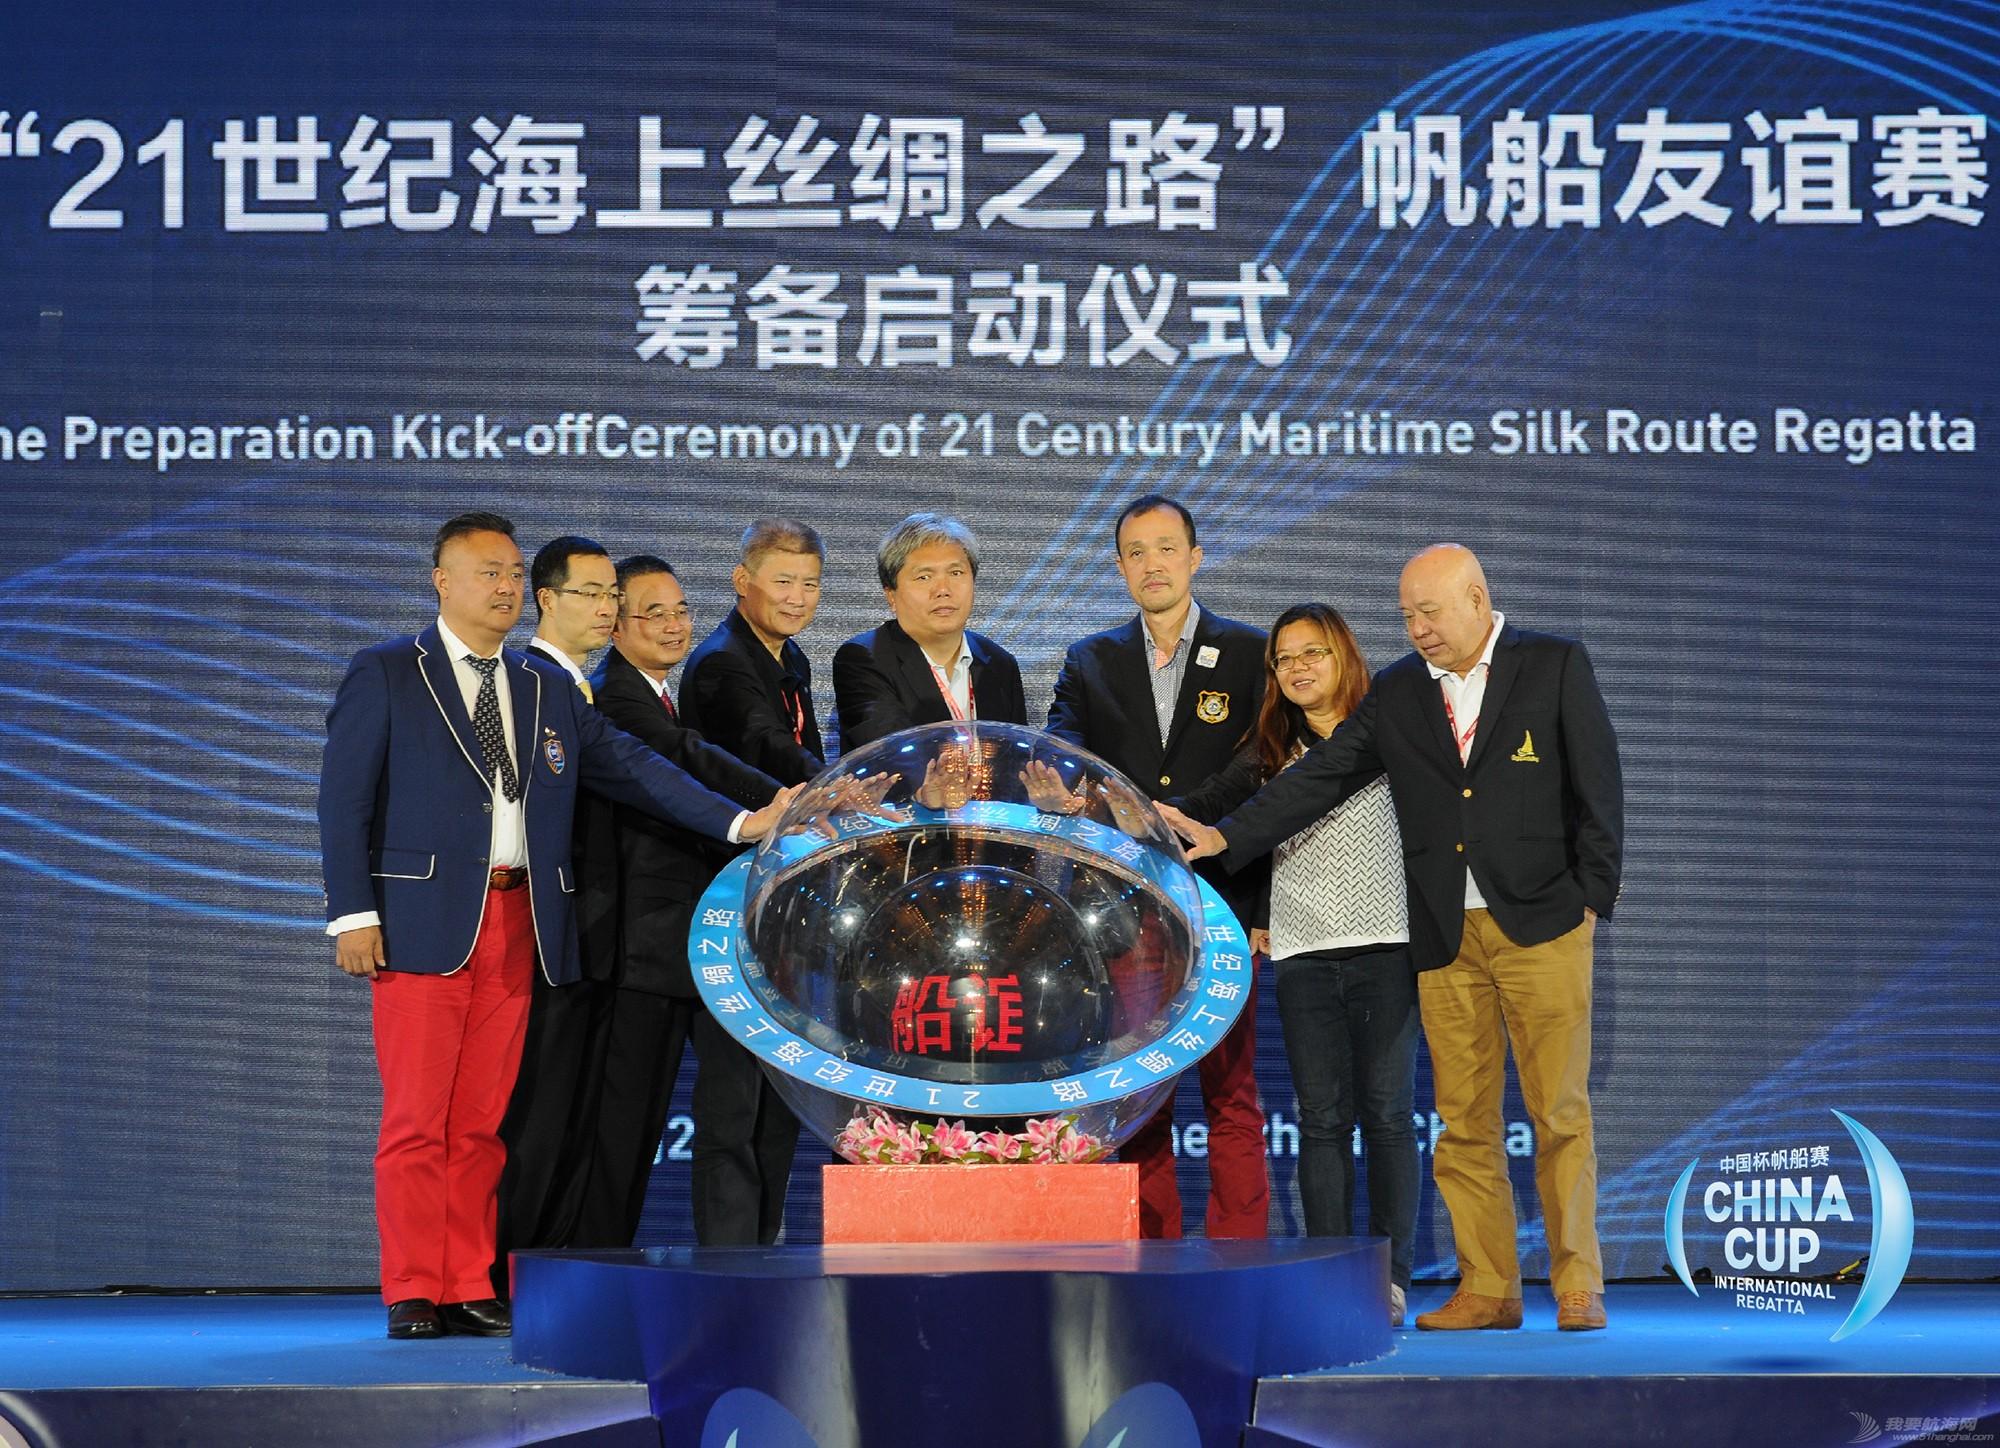 """中国航海 世界未来 第八届""""亚太区航海文化发展(大鹏)论坛""""在深圳举行 lADOf8eci80G1s0JcQ_2417_1750.jpg"""